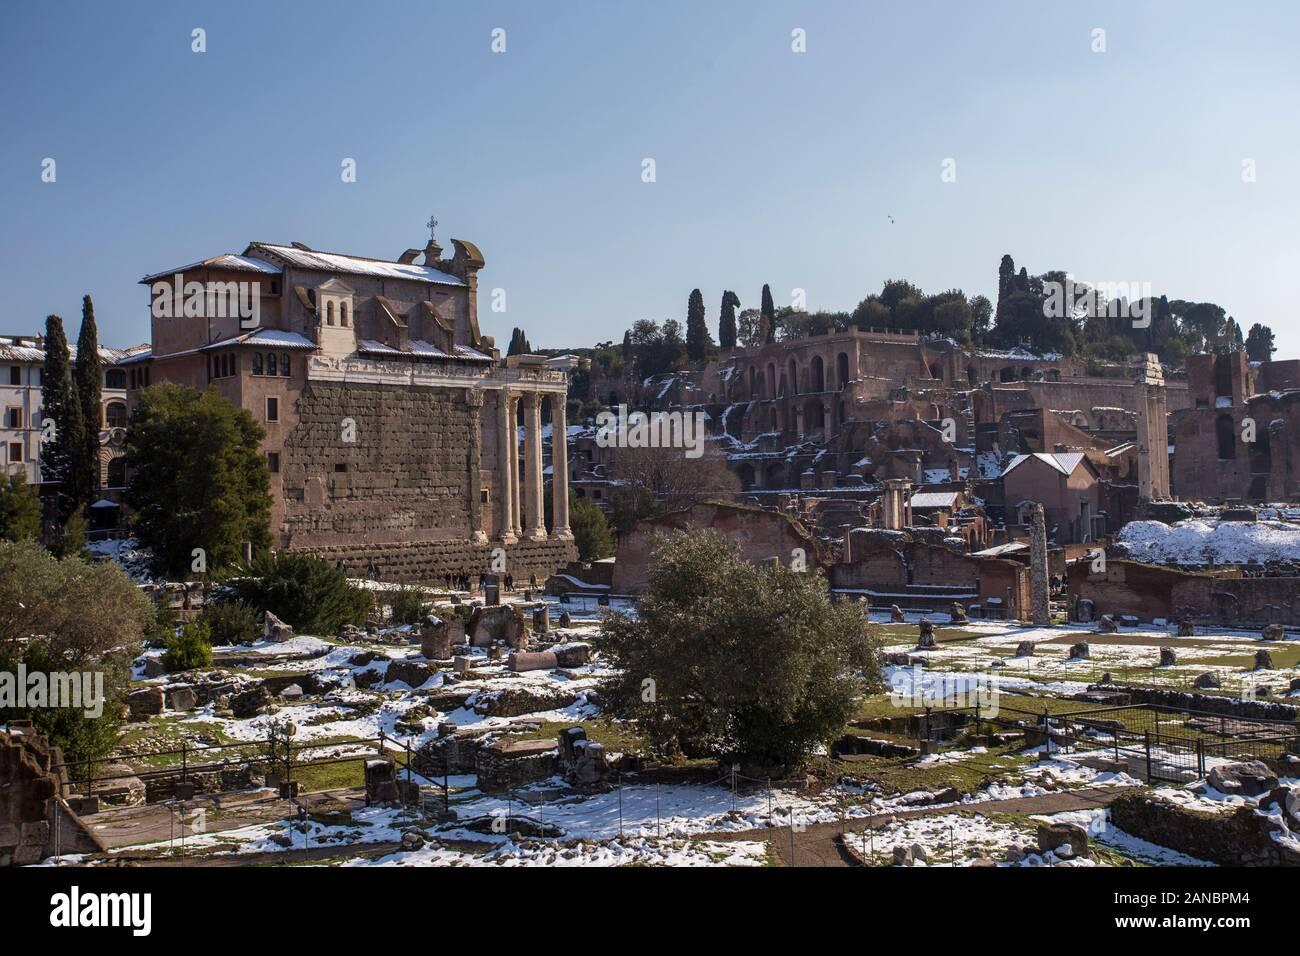 Rome, Italie, février 2018 - neige a couvert Rome, tourisme d'hiver dans la capitale de l'Italie, célèbre destination de voyage en hiver. Forum Romanum avec neige. Banque D'Images